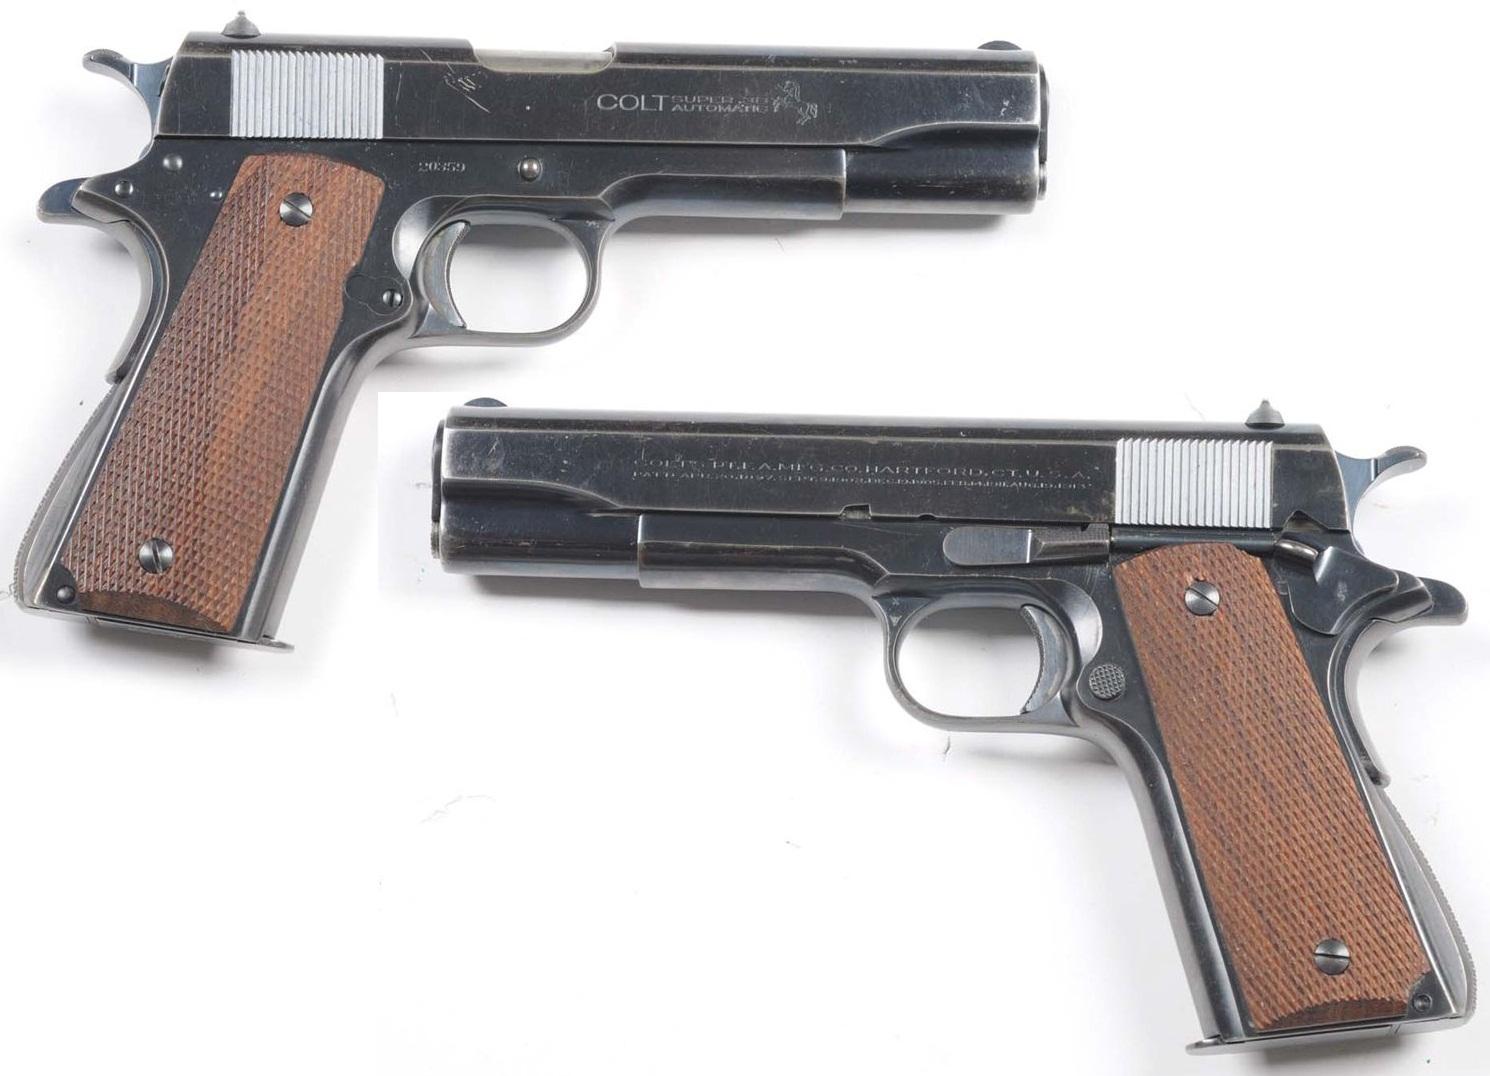 Colt Super .38